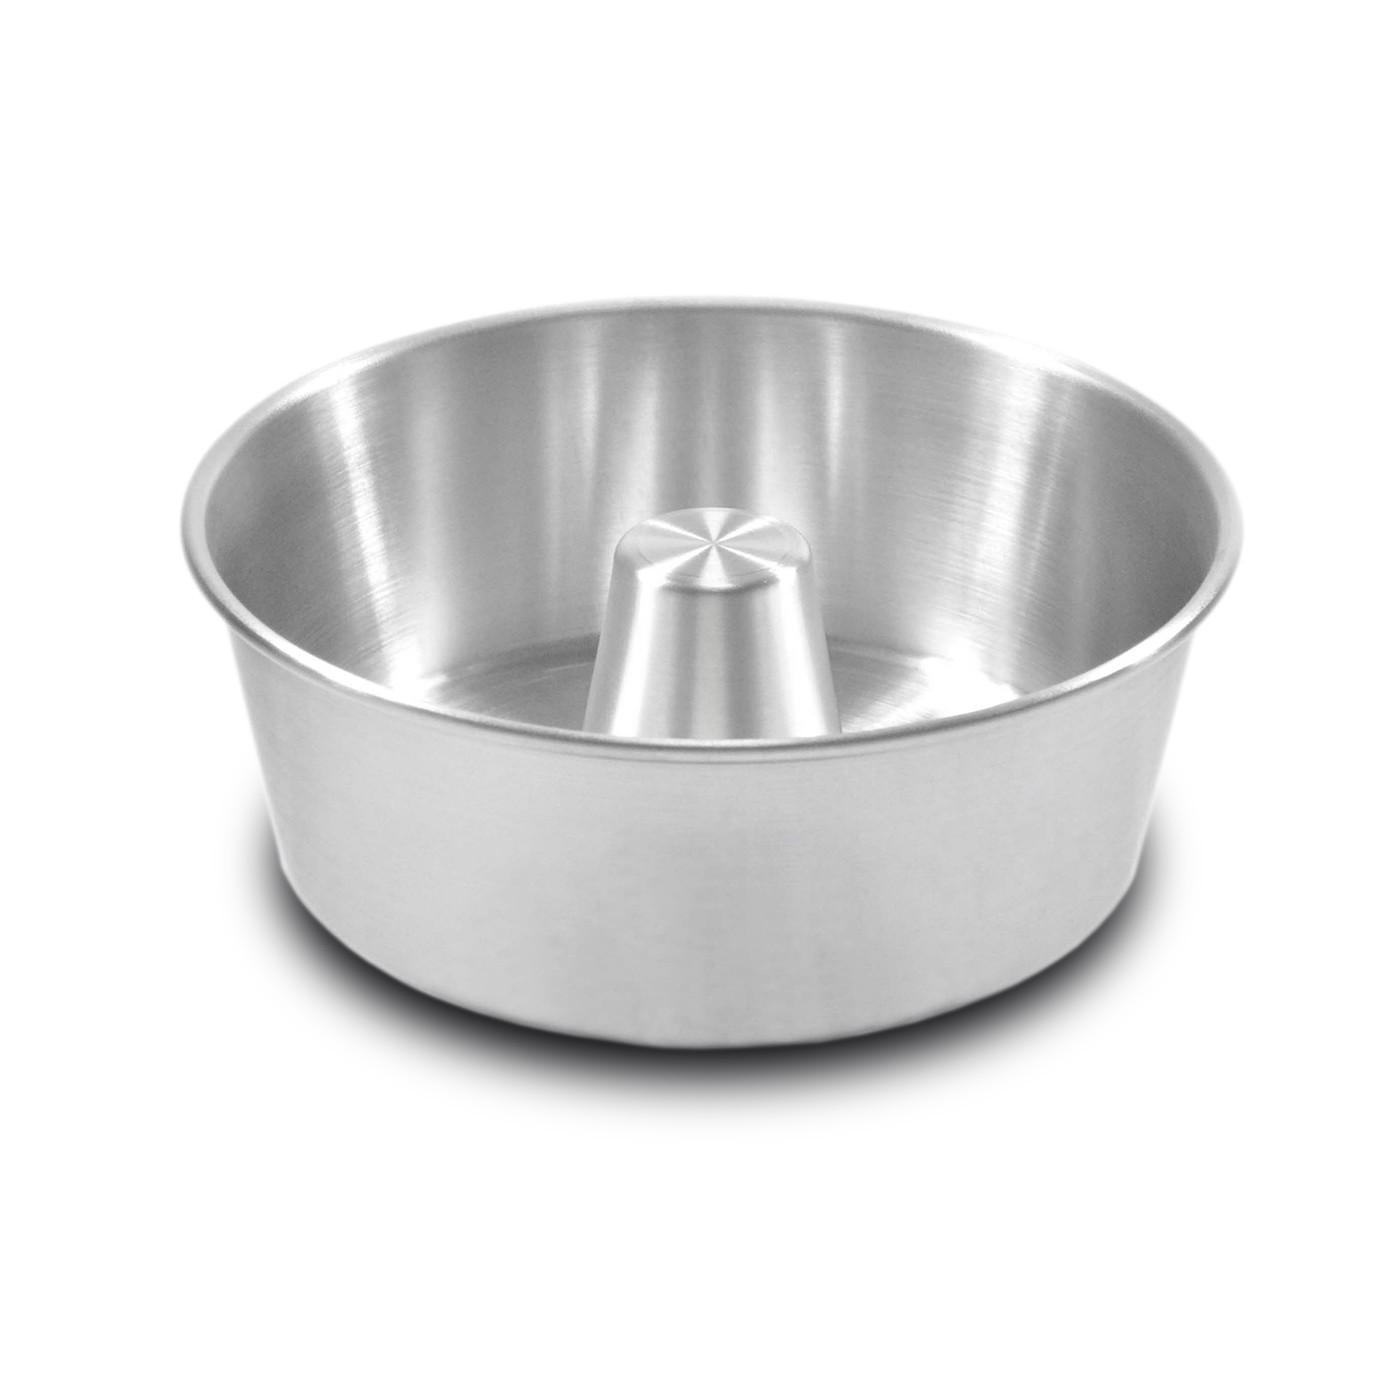 Forma de Aluminio Polido para Bolo e Pudim Redondo 18cm - Arnix